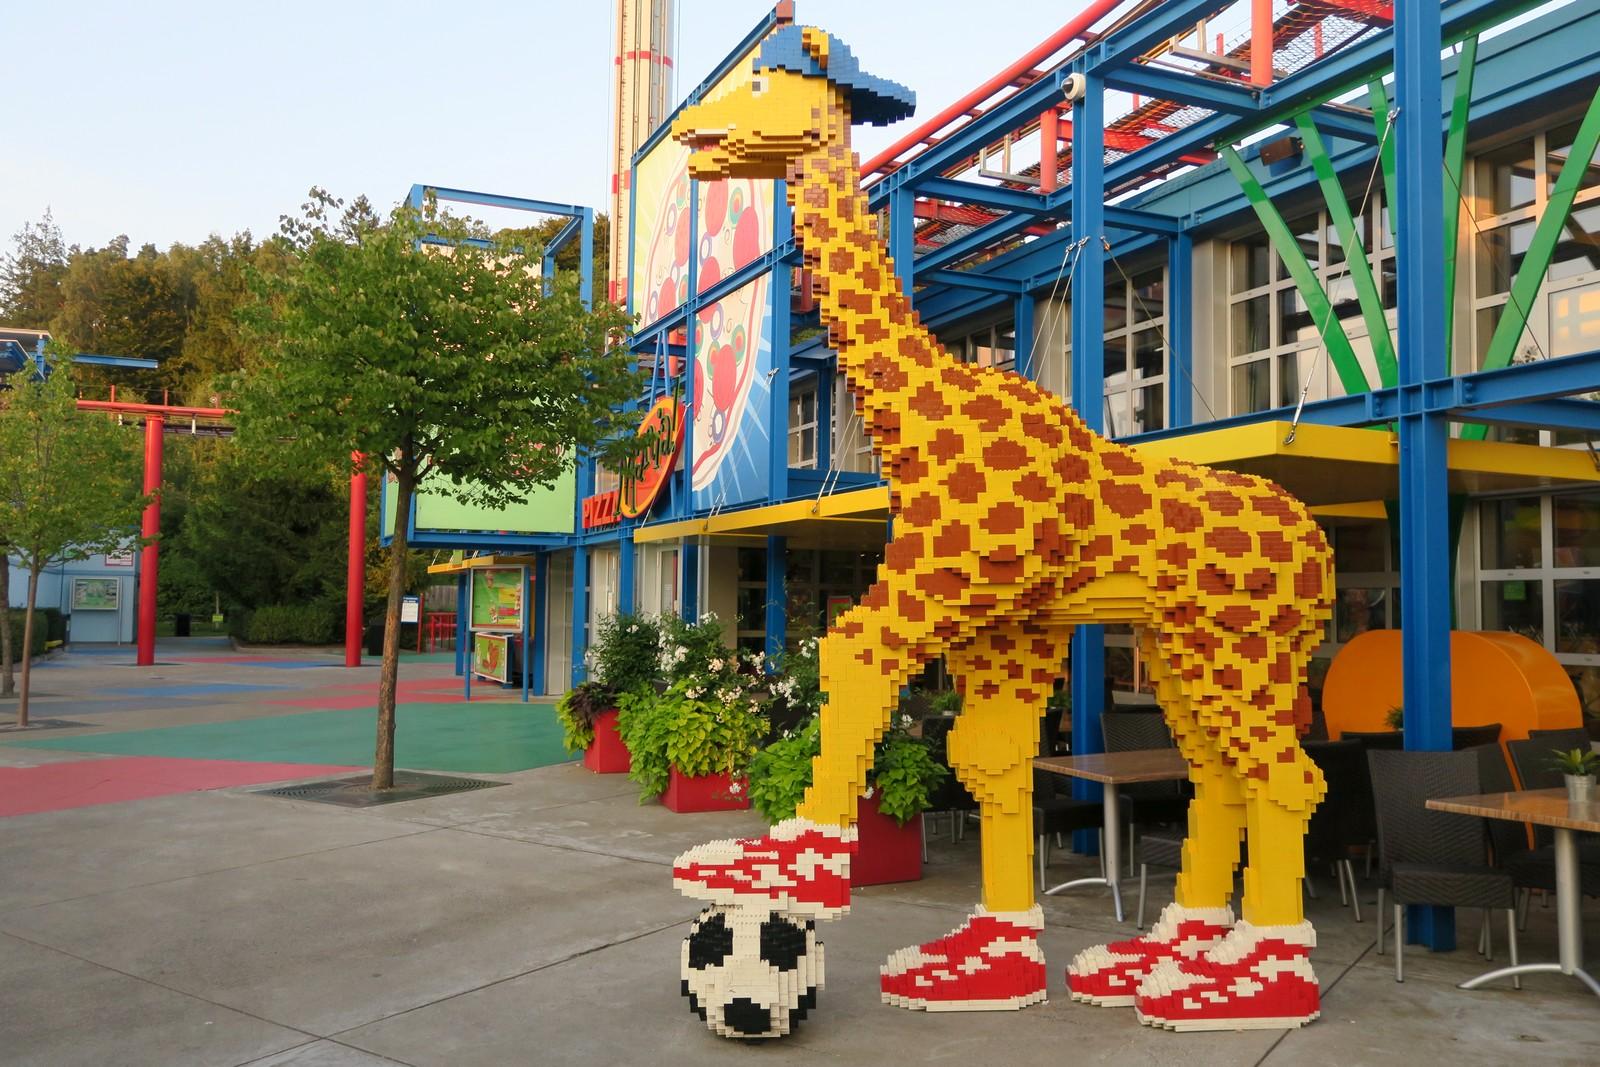 Bestes Legoland in Deutschland